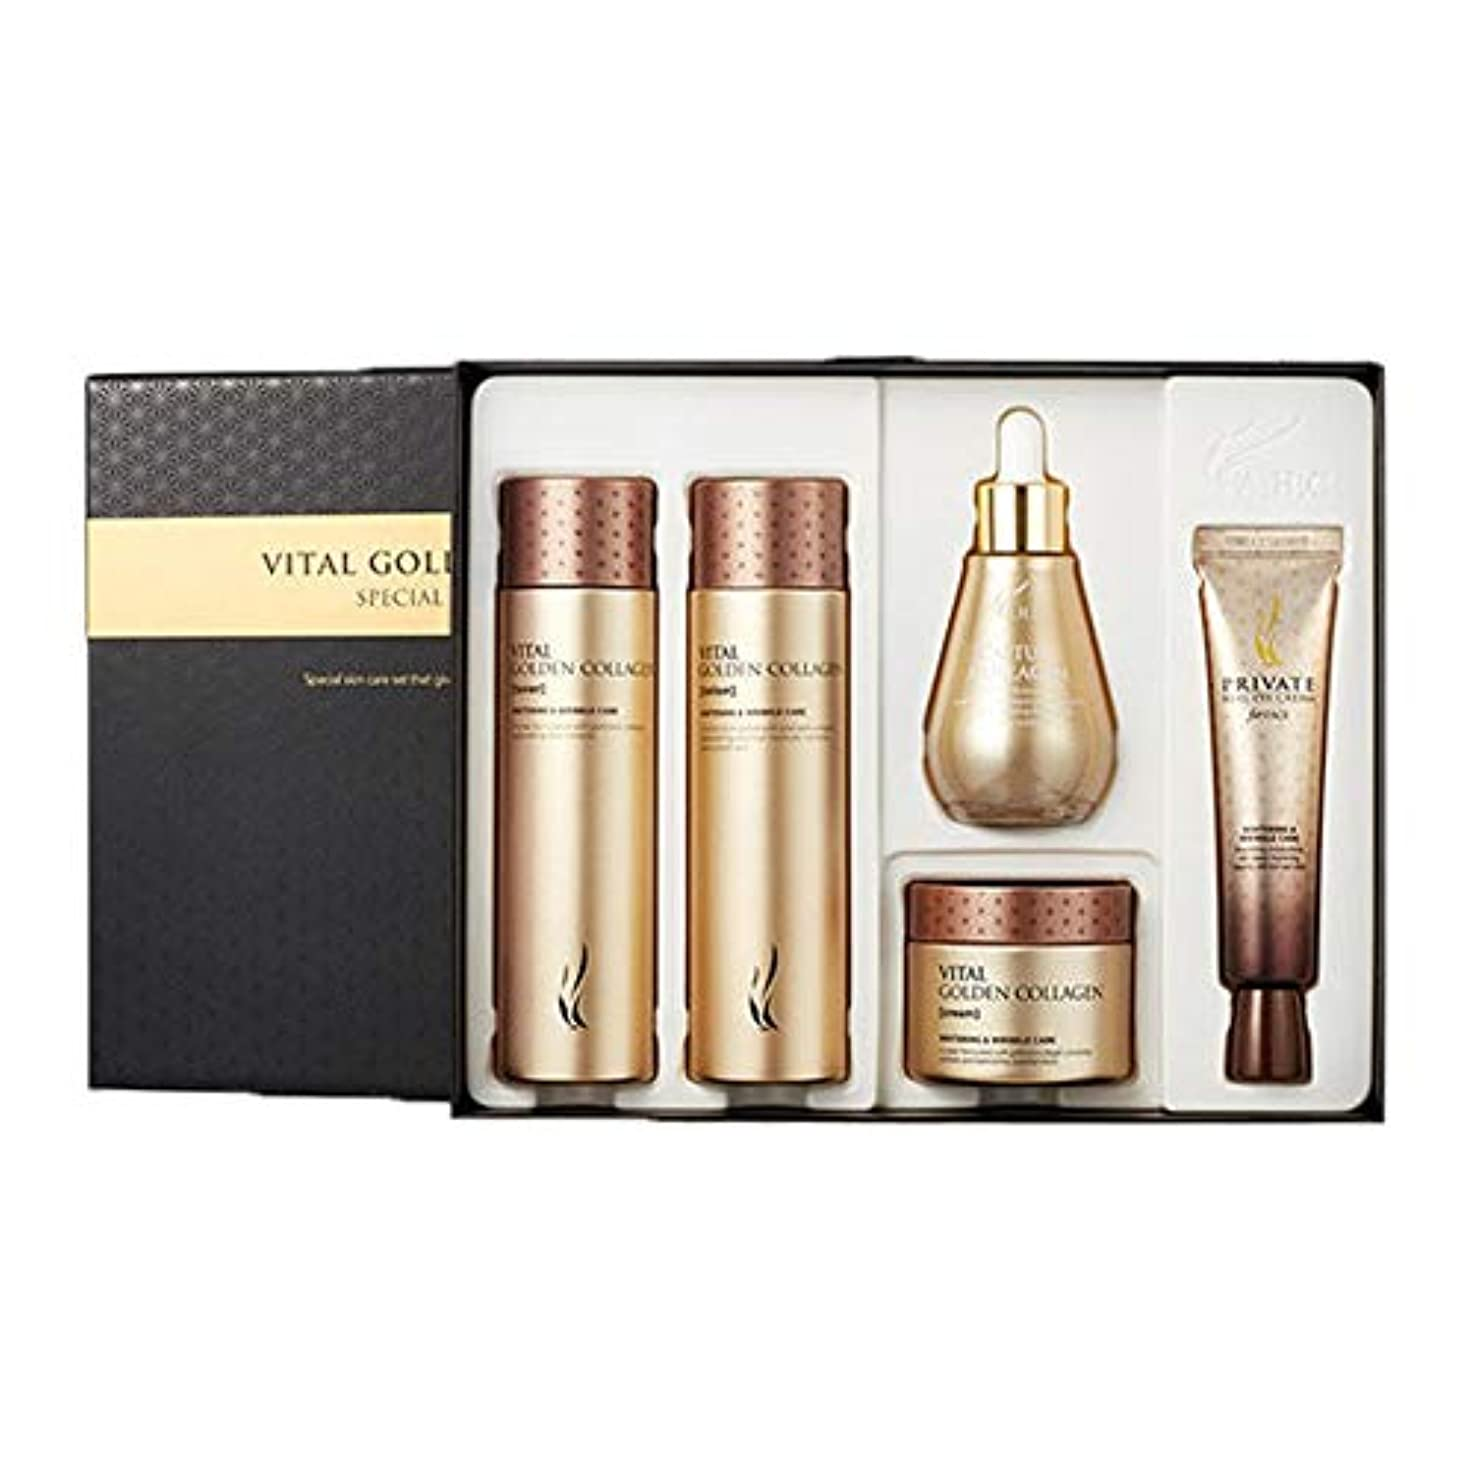 ガイドラインリゾートシリングAHCバイタルゴールデンコラーゲンスキンケアセットトナーローションクリームアイクリームアンプル、AHC Vital Golden Collagen Skincare Set Toner Lotion Cream Eye...